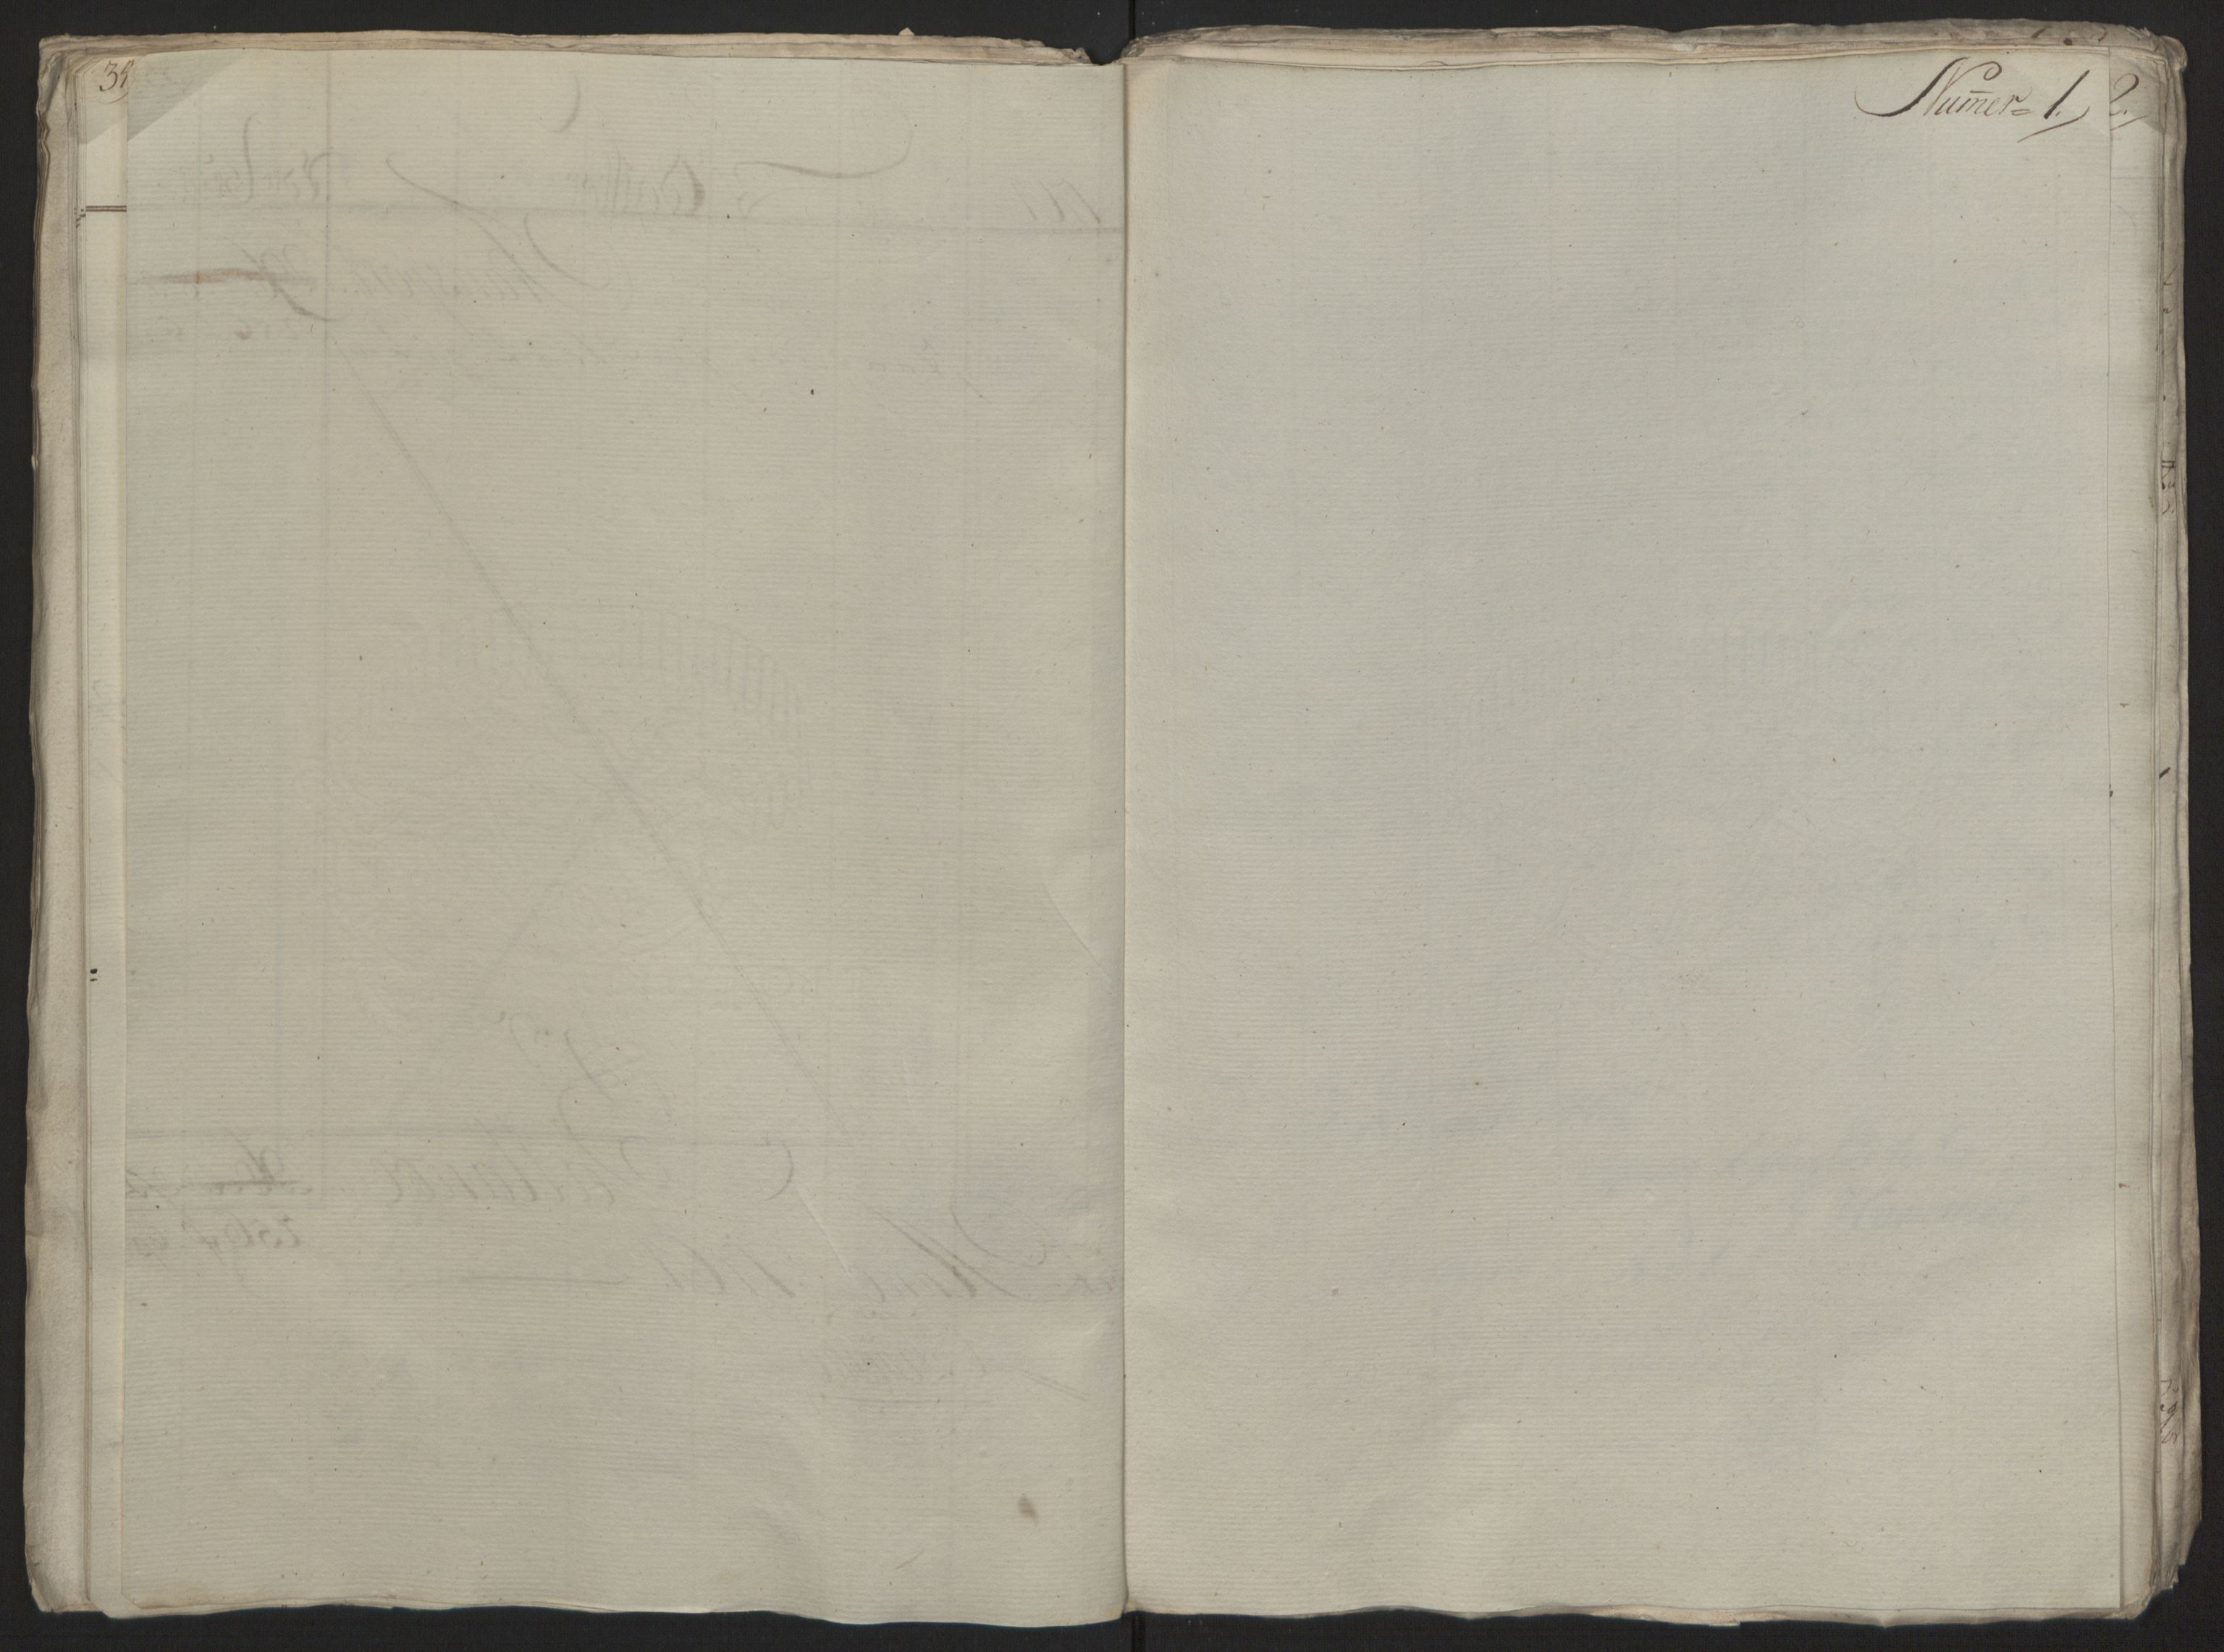 RA, Rentekammeret inntil 1814, Reviderte regnskaper, Fogderegnskap, R69/L4910: Ekstraskatten  Finnmark/Vardøhus, 1762-1772, s. 98